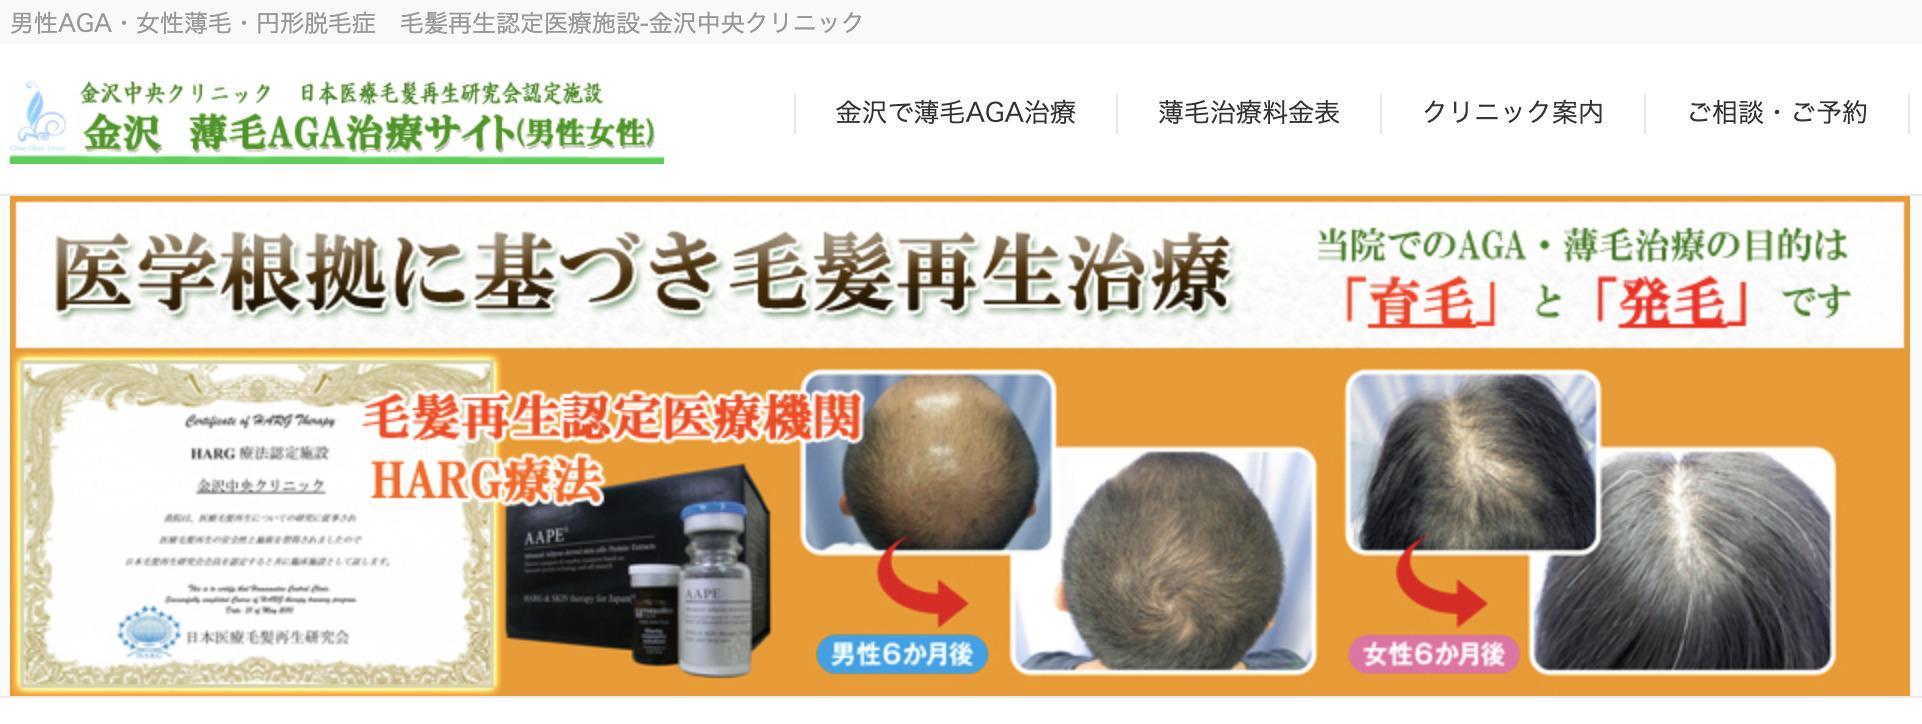 金沢中央クリニックのイメージ